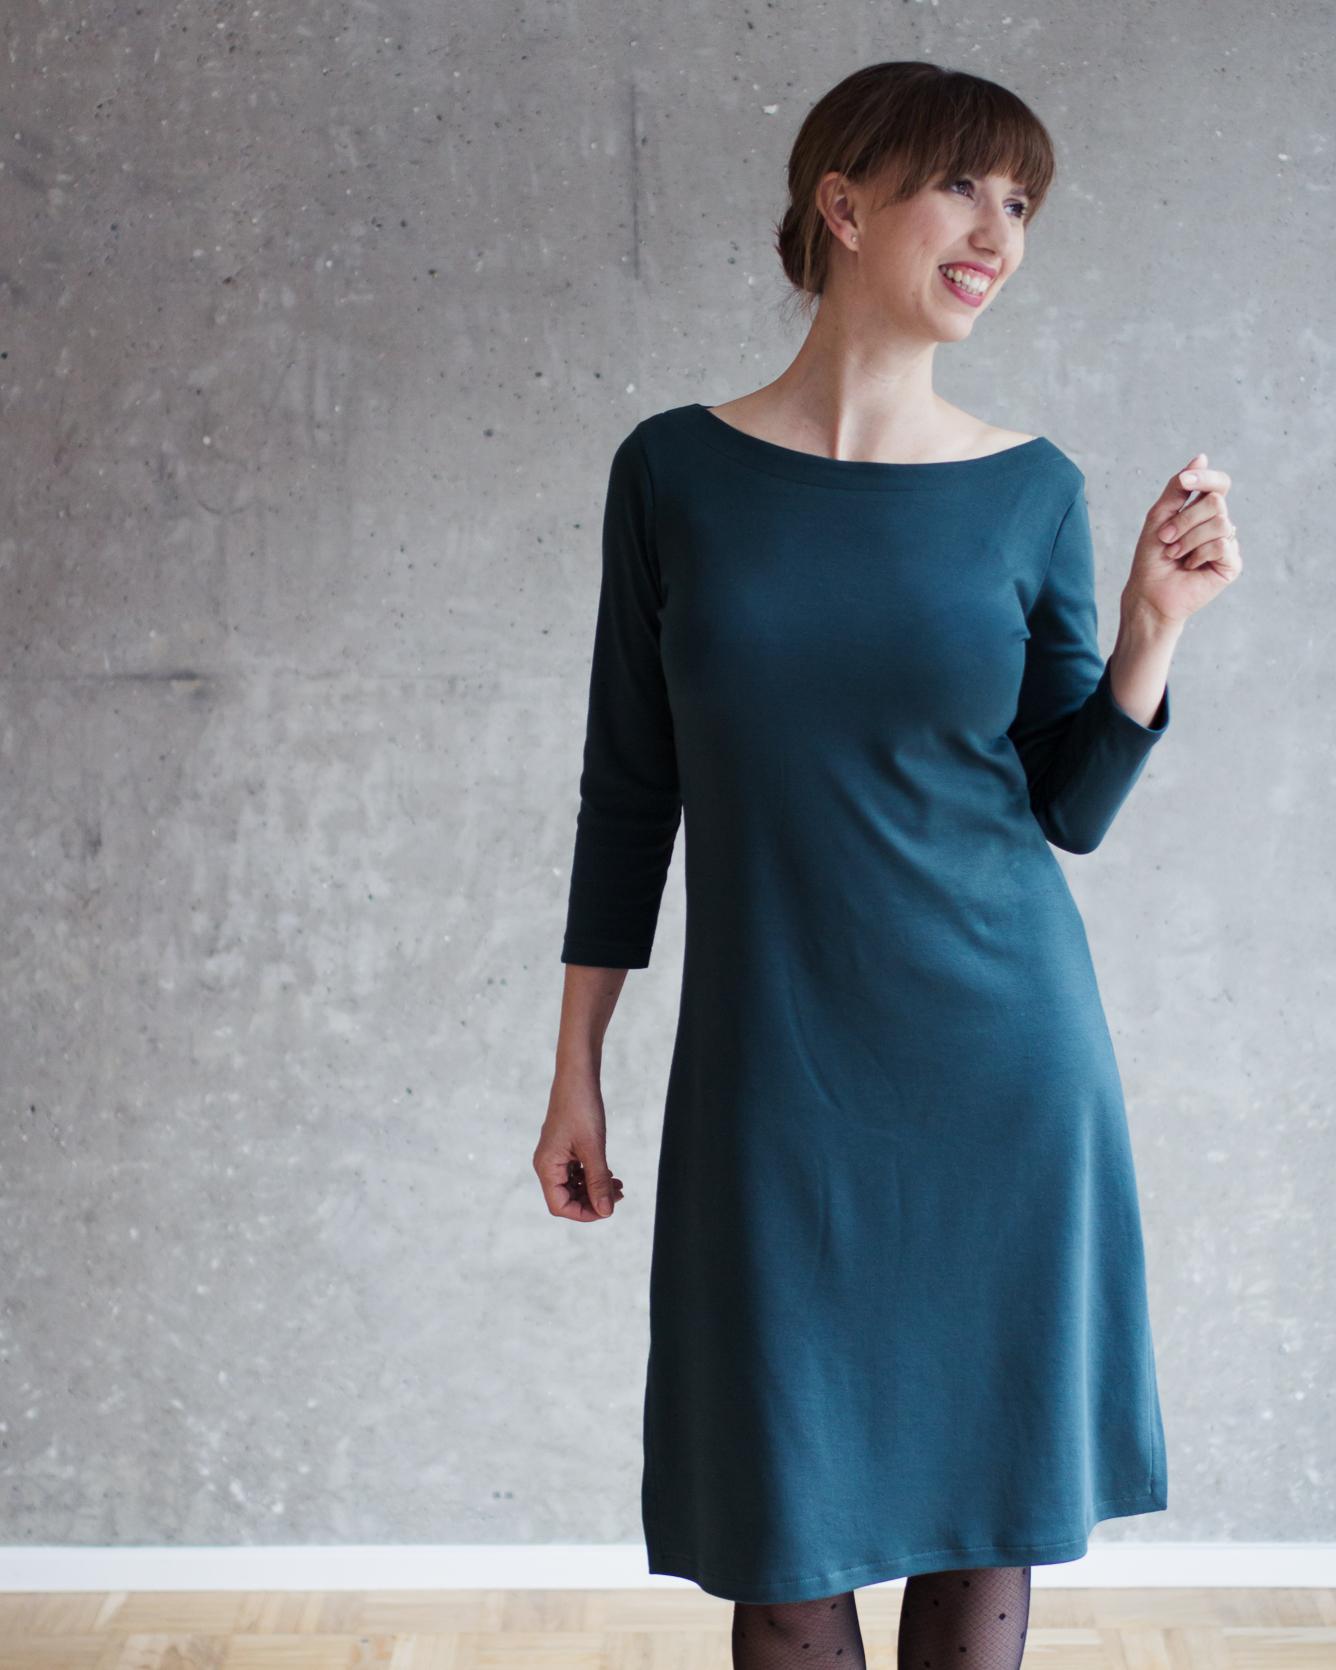 Nähanleitung Kleid nähen - Schnittmuster Kleid mit U-Boot-Ausschnitt und Modular Collection - Schnittduett - Moderne Schnittmuster für Frauen, die minimalistische Mode lieben